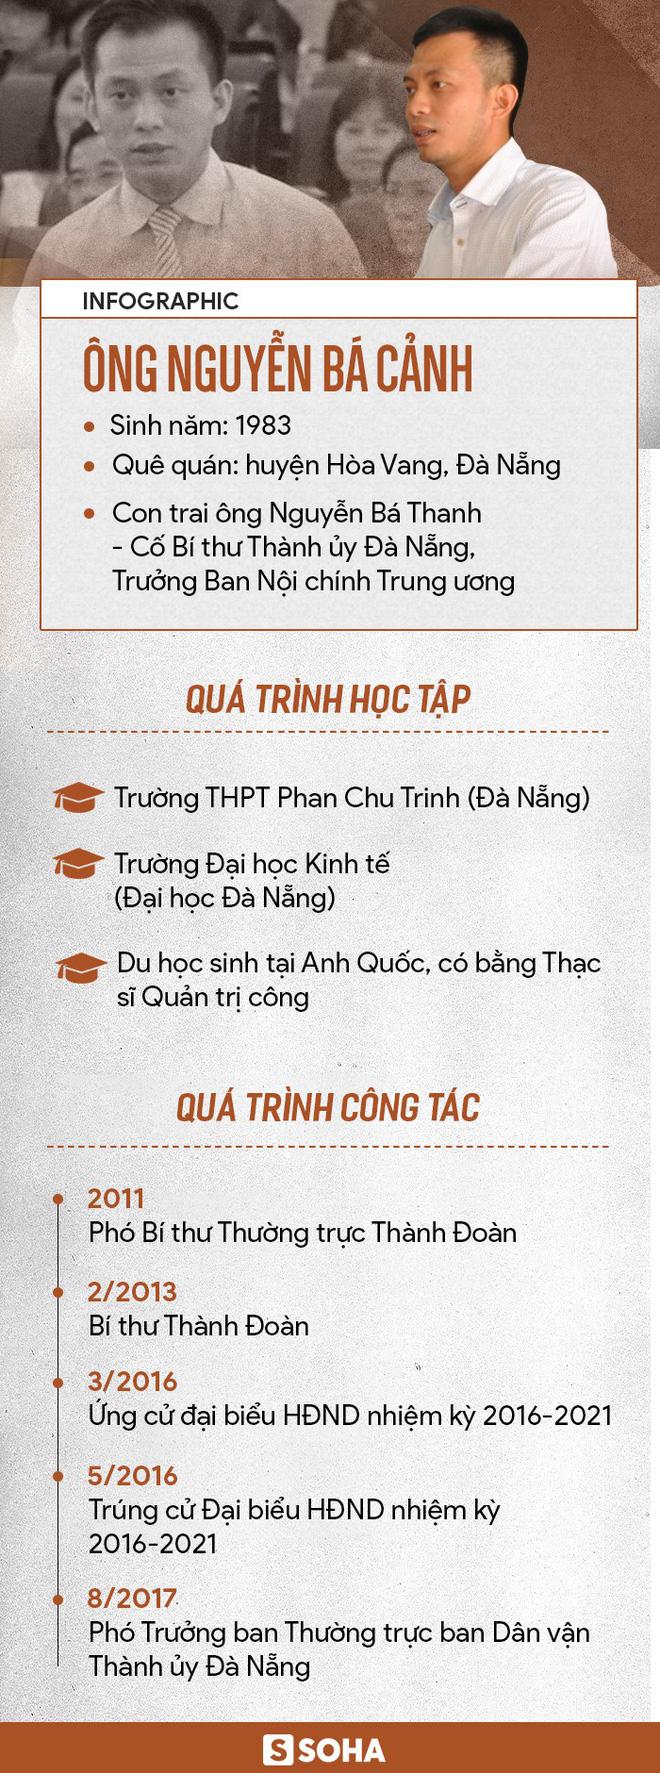 Đà Nẵng đề nghị kỷ luật, cách tất cả các chức vụ của con trai ông Nguyễn Bá Thanh - Ảnh 1.